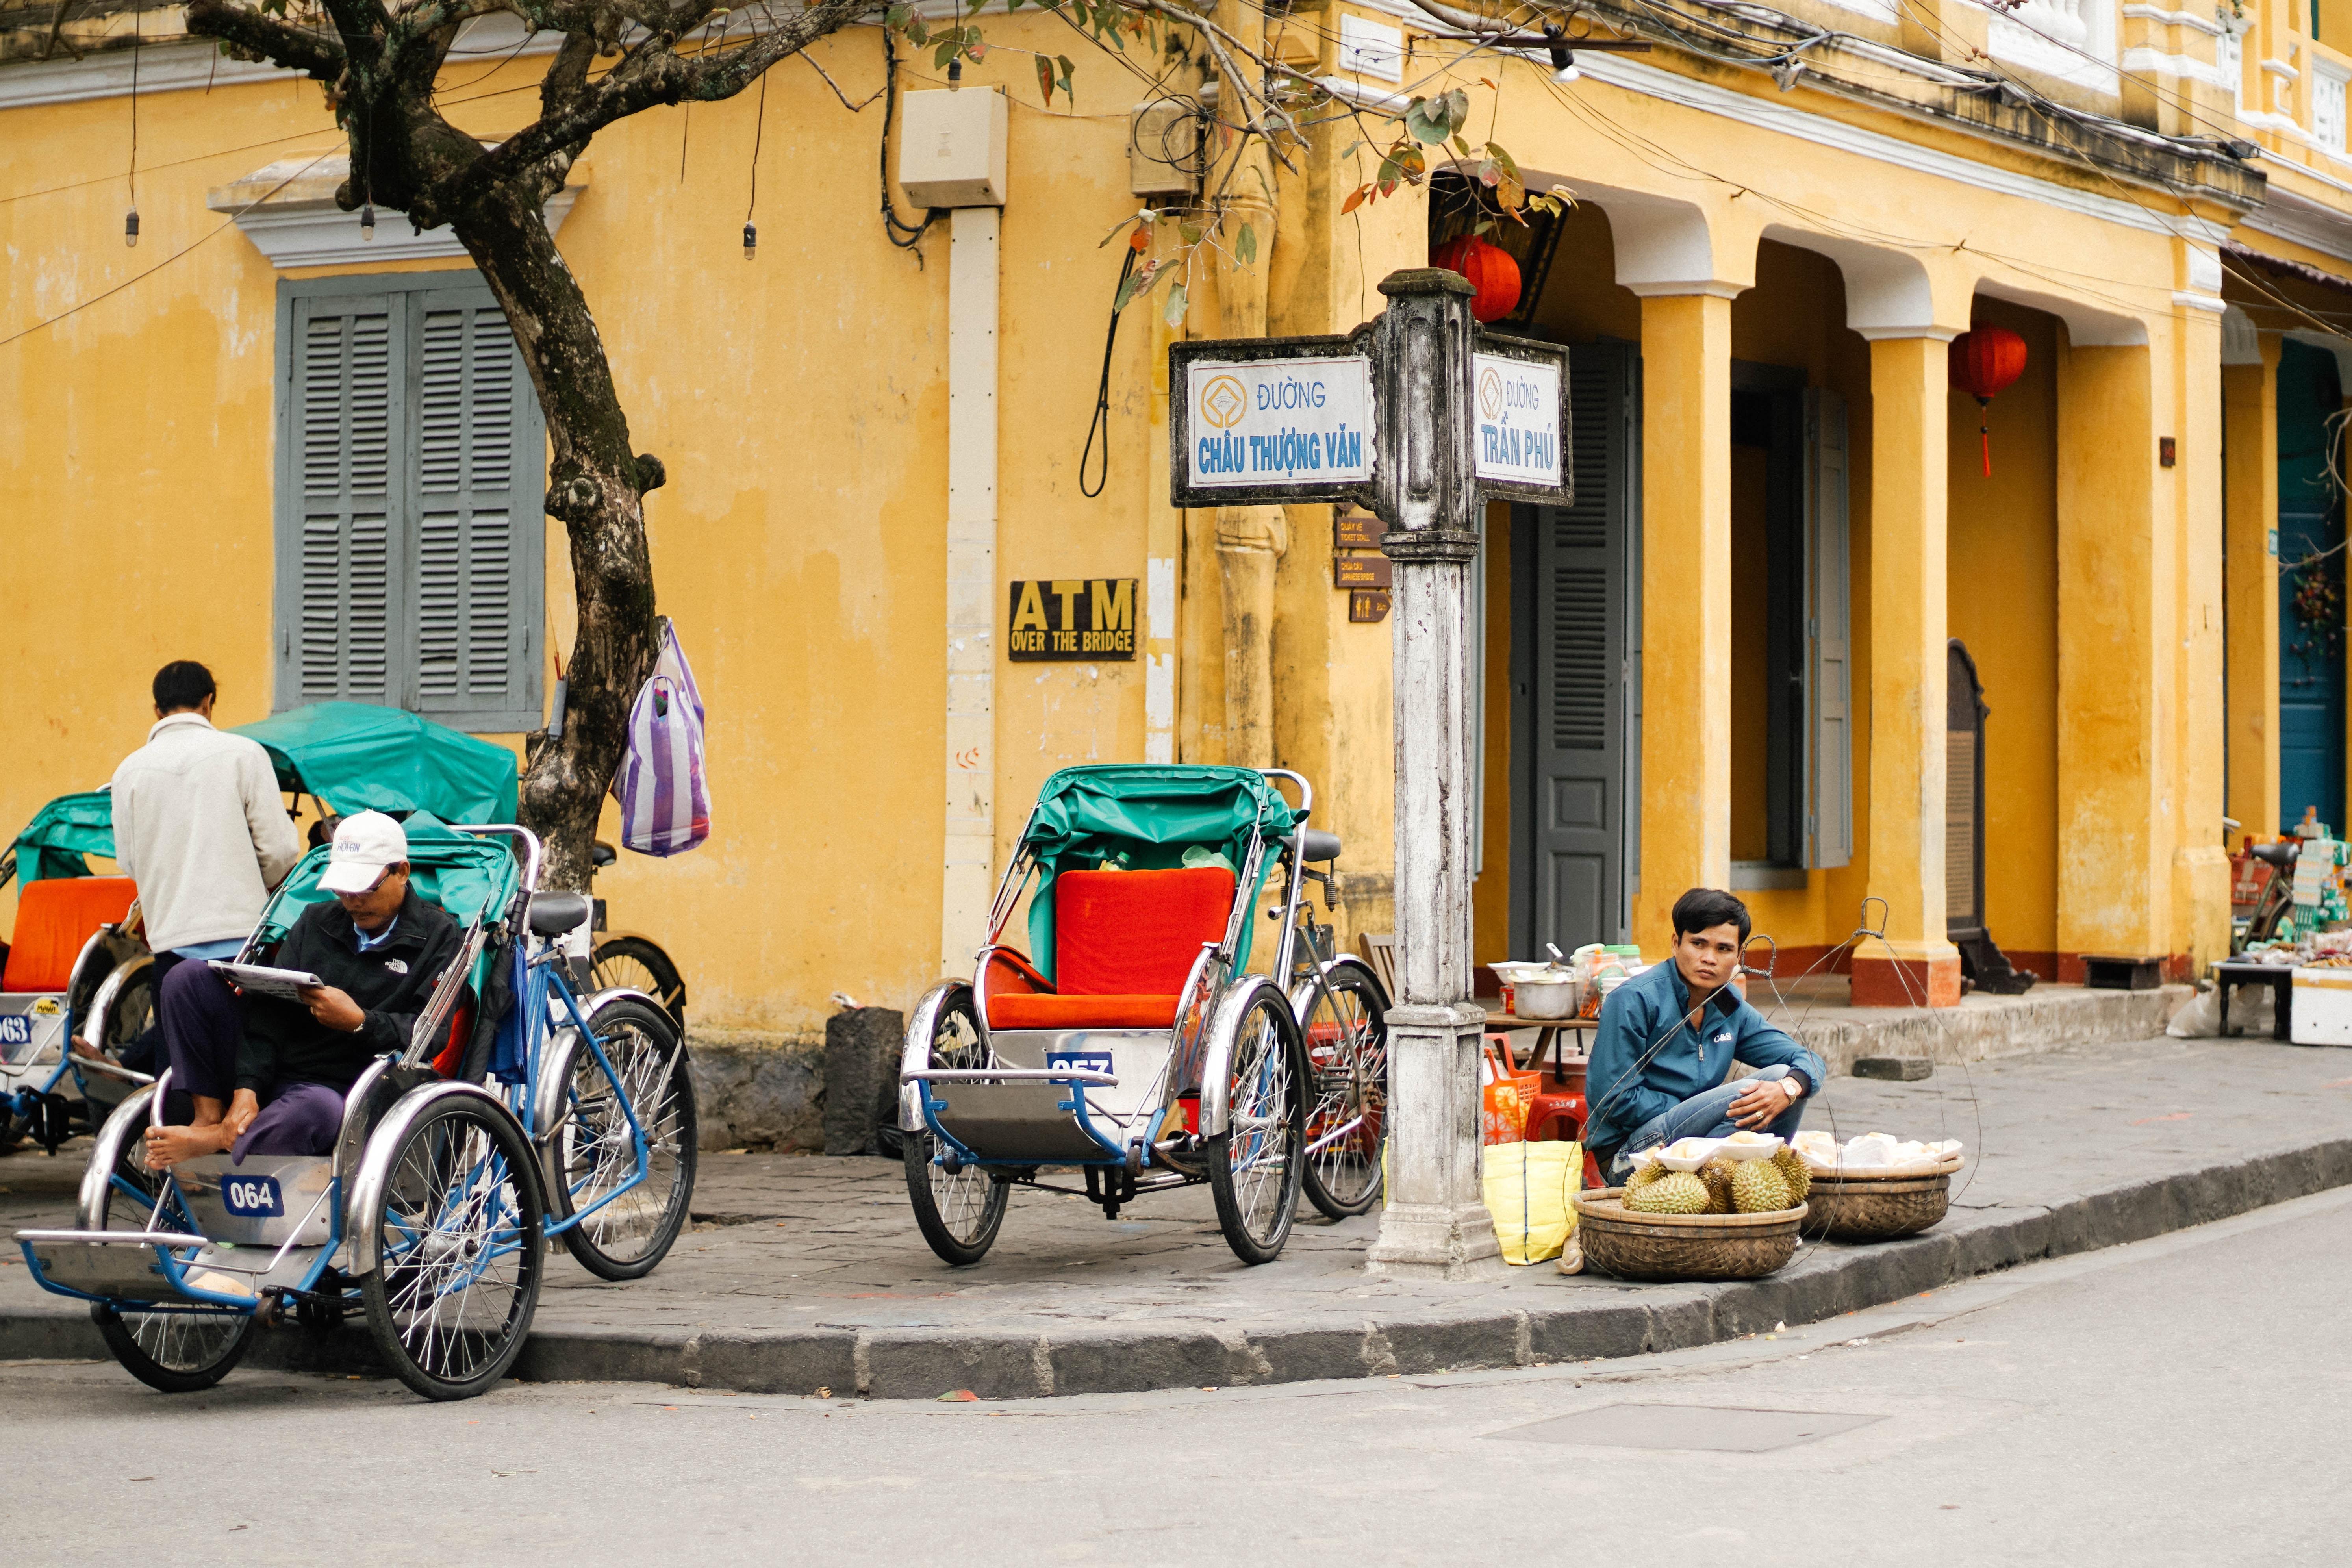 ของฝากเวียดนาม เที่ยวเวียดนาม รีวิวเวียดนาม ฮานอย เวียดนาม ของฝากจากเวียดนาม เวียดนาม ของฝาก ของฝาก เวียดนาม หมากเวียดนาม สินค้าน่าซื้อที่เวียดนาม